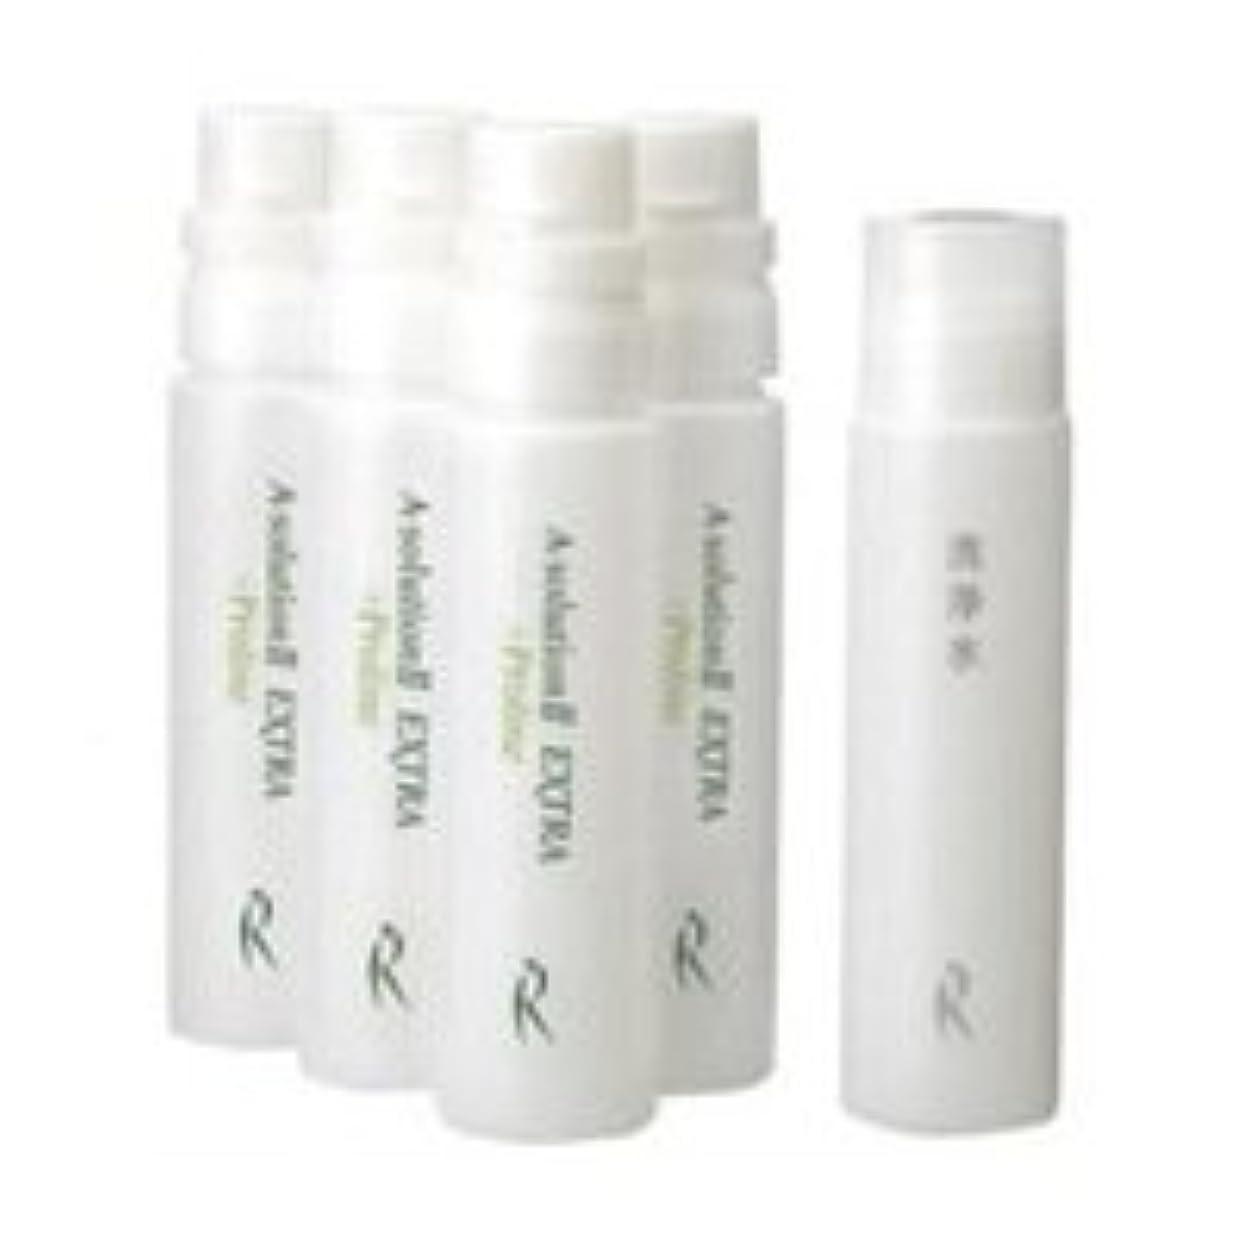 感動するハンマーダムA-ソリューション エクストラ+プロリン / REVENIR  レブニール プラチナアクイシモ専用美容液